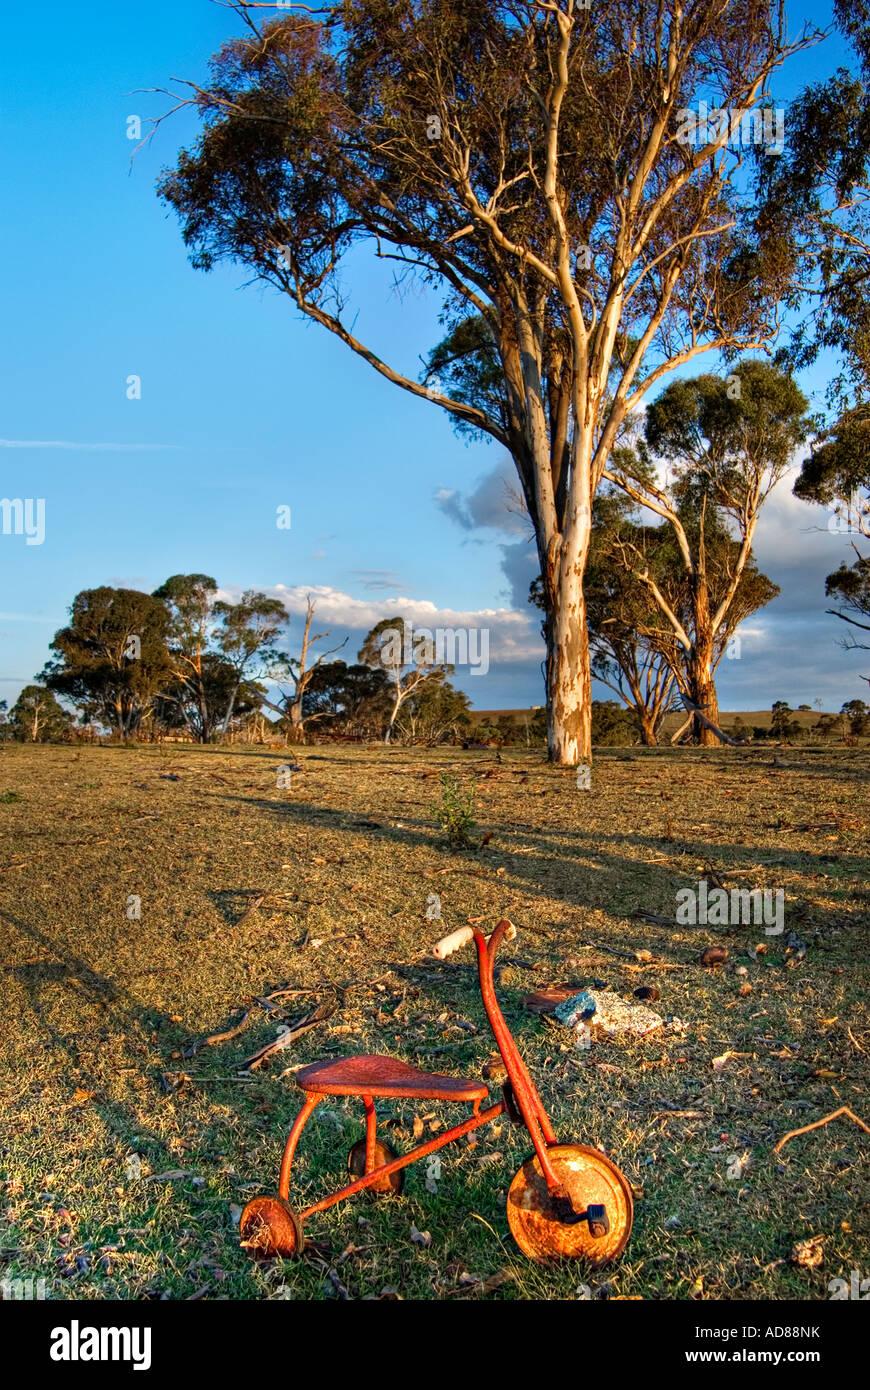 Un vieux siège tricycle oublié dans une cour vide Banque D'Images